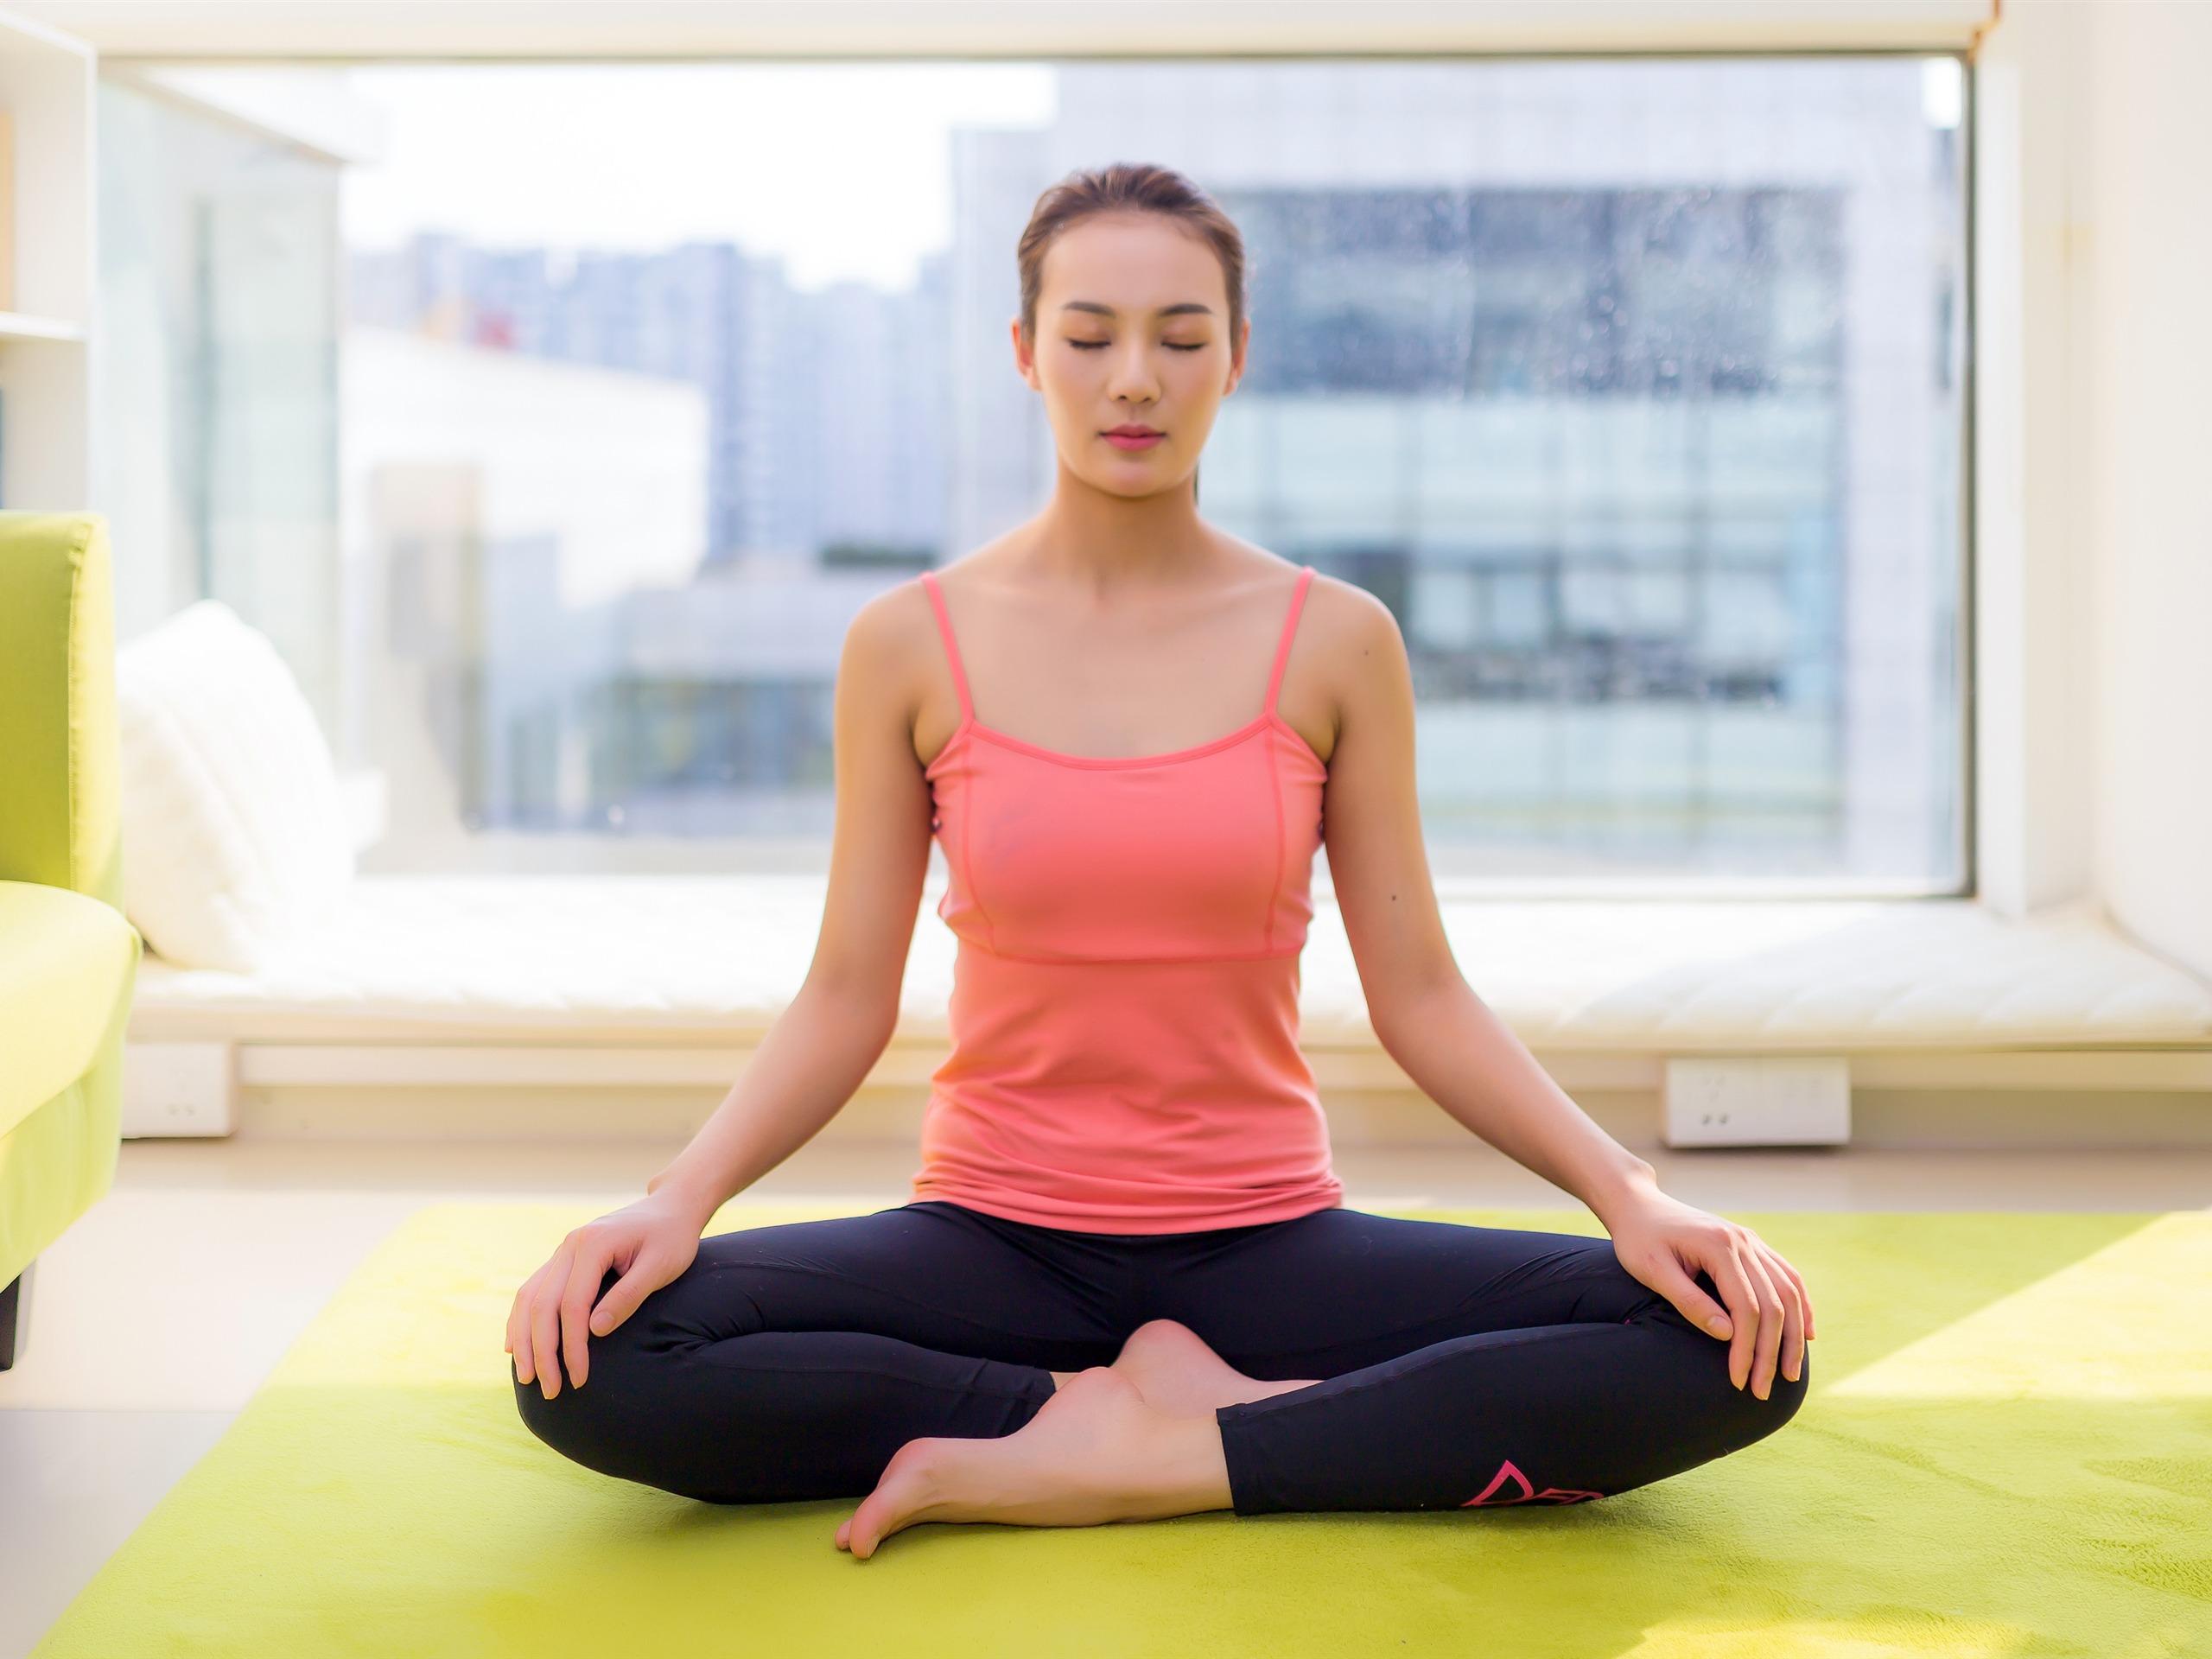 中国美女性感图片_室内,瑜伽,运动,美丽,女孩,照片预览 | 10wallpaper.com